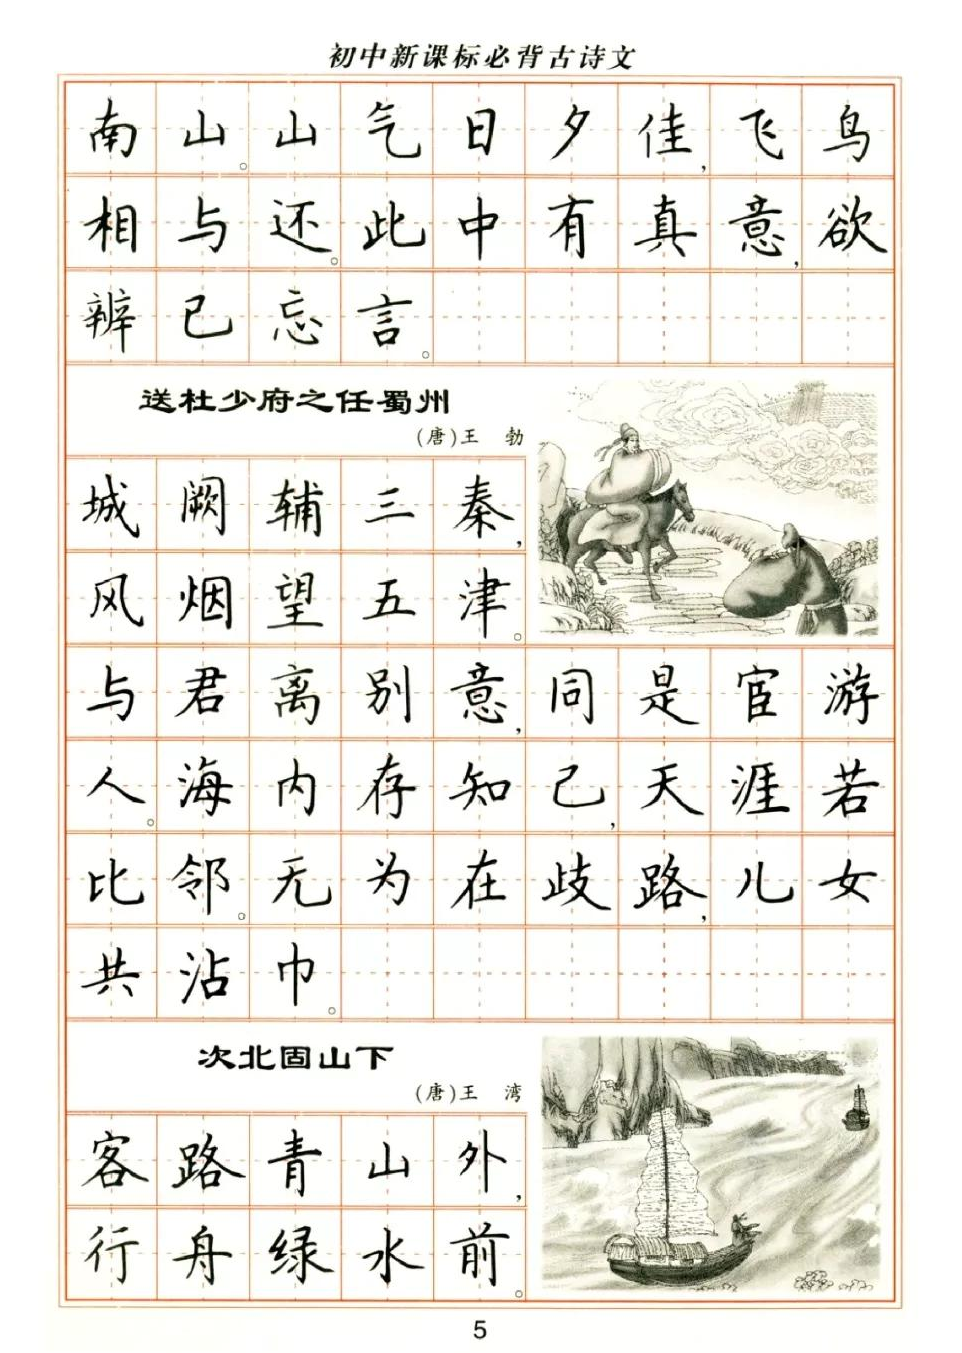 卢中南早期的钢笔字帖真惊艳,欧楷笔意书写,字字温润,笔笔精彩